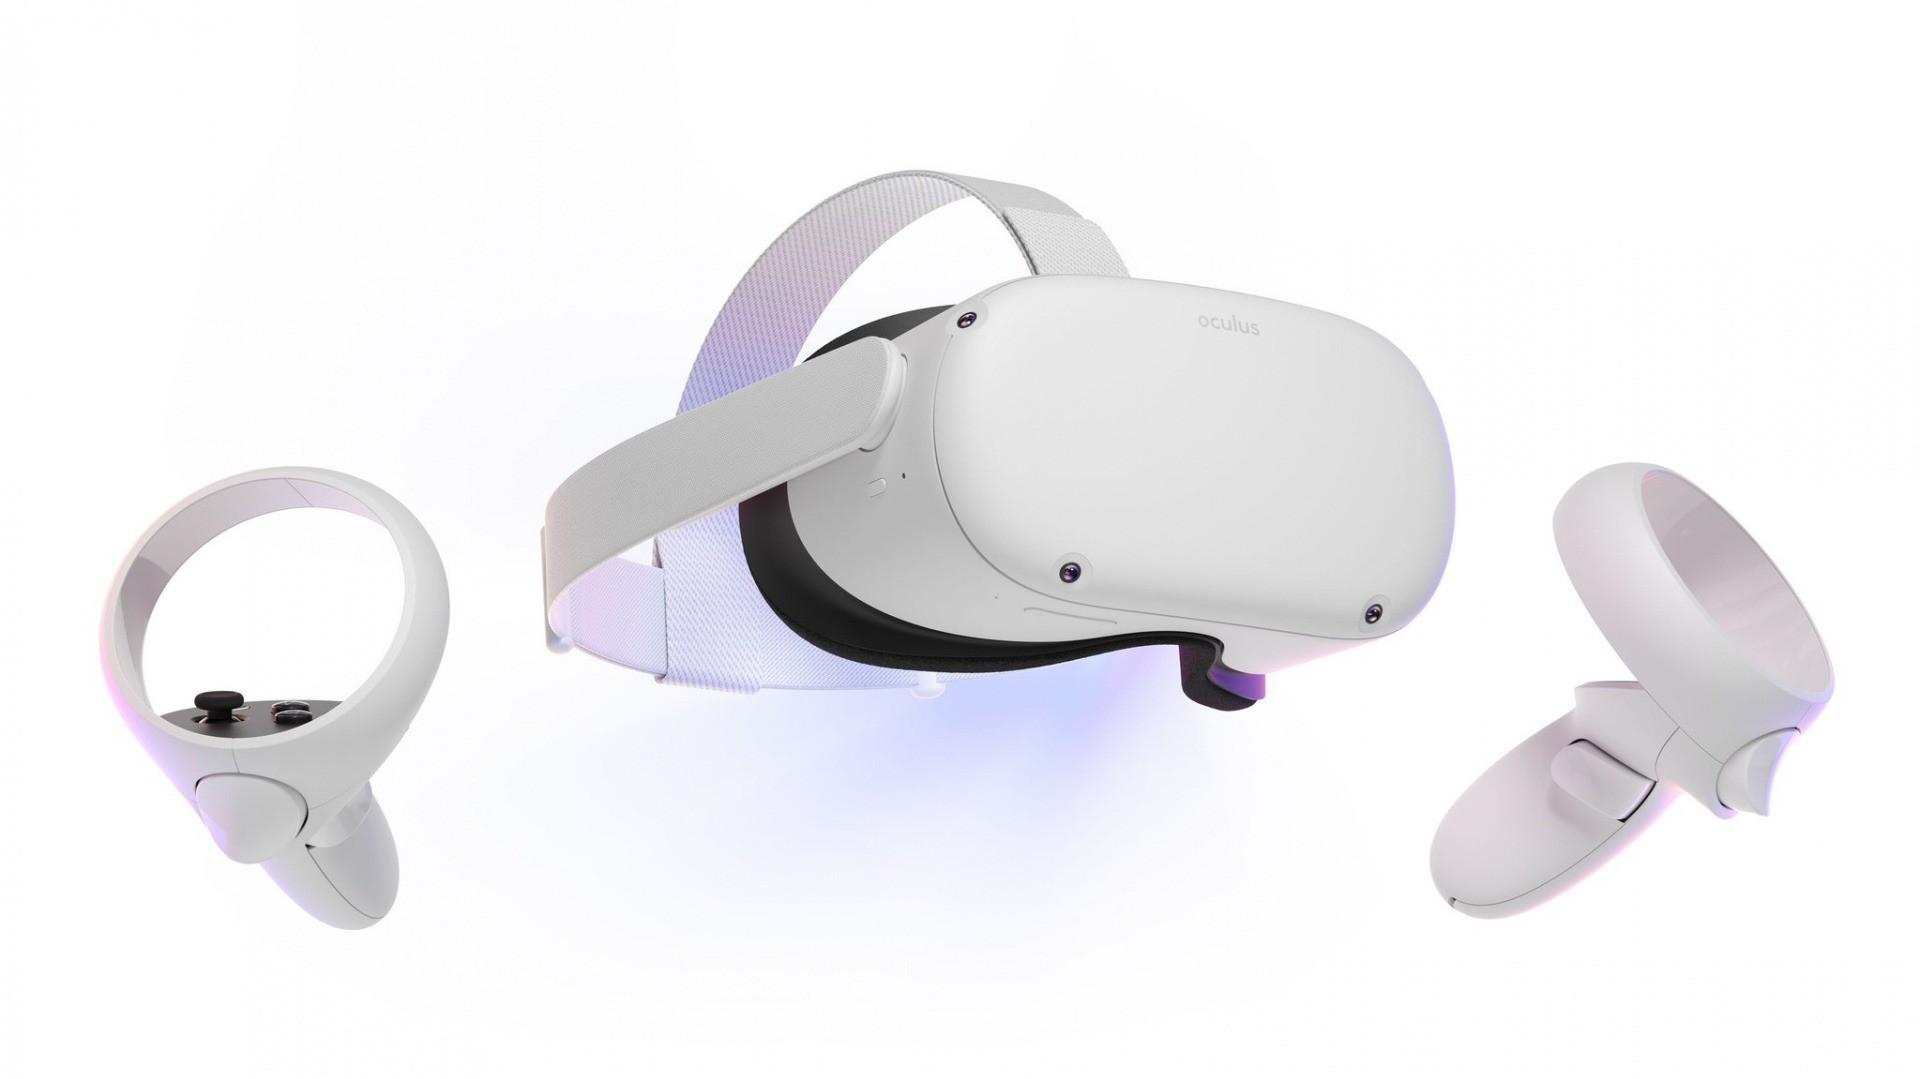 Facebook отзовет около 4 миллионов VRсистем Oculus Quest 2 изза жалоб на раздражение кожи